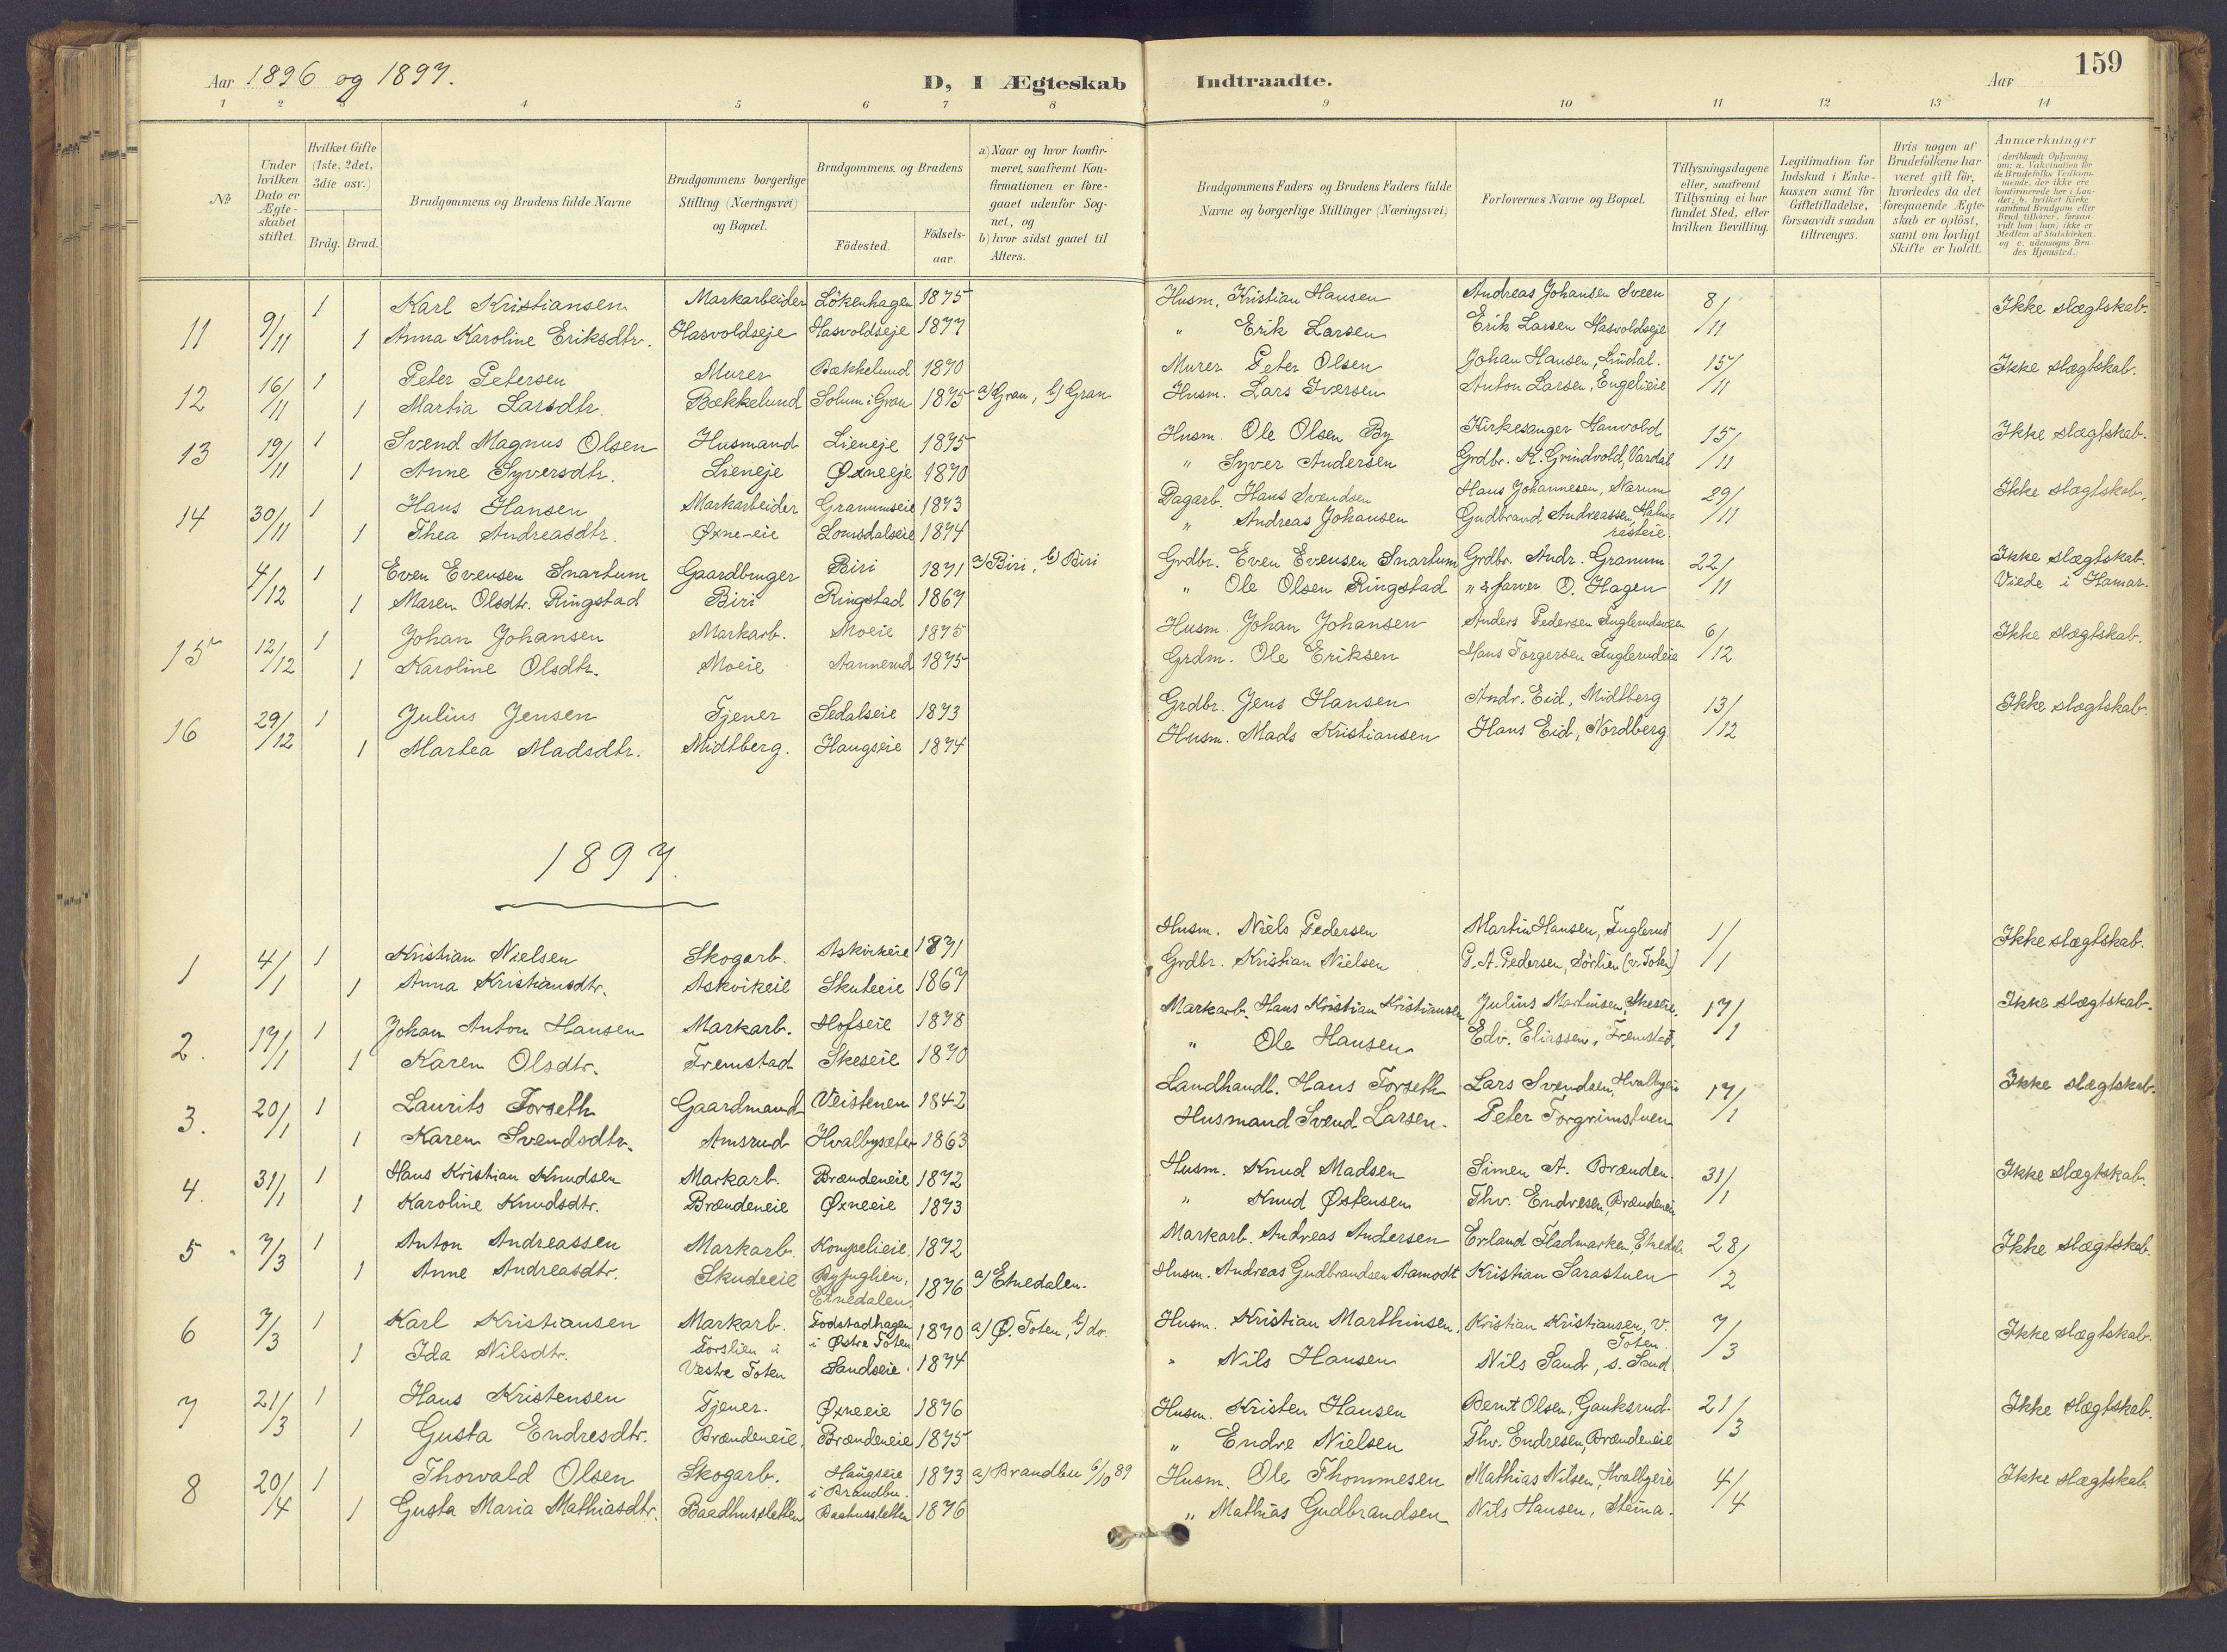 SAH, Søndre Land prestekontor, K/L0006: Parish register (official) no. 6, 1895-1904, p. 159